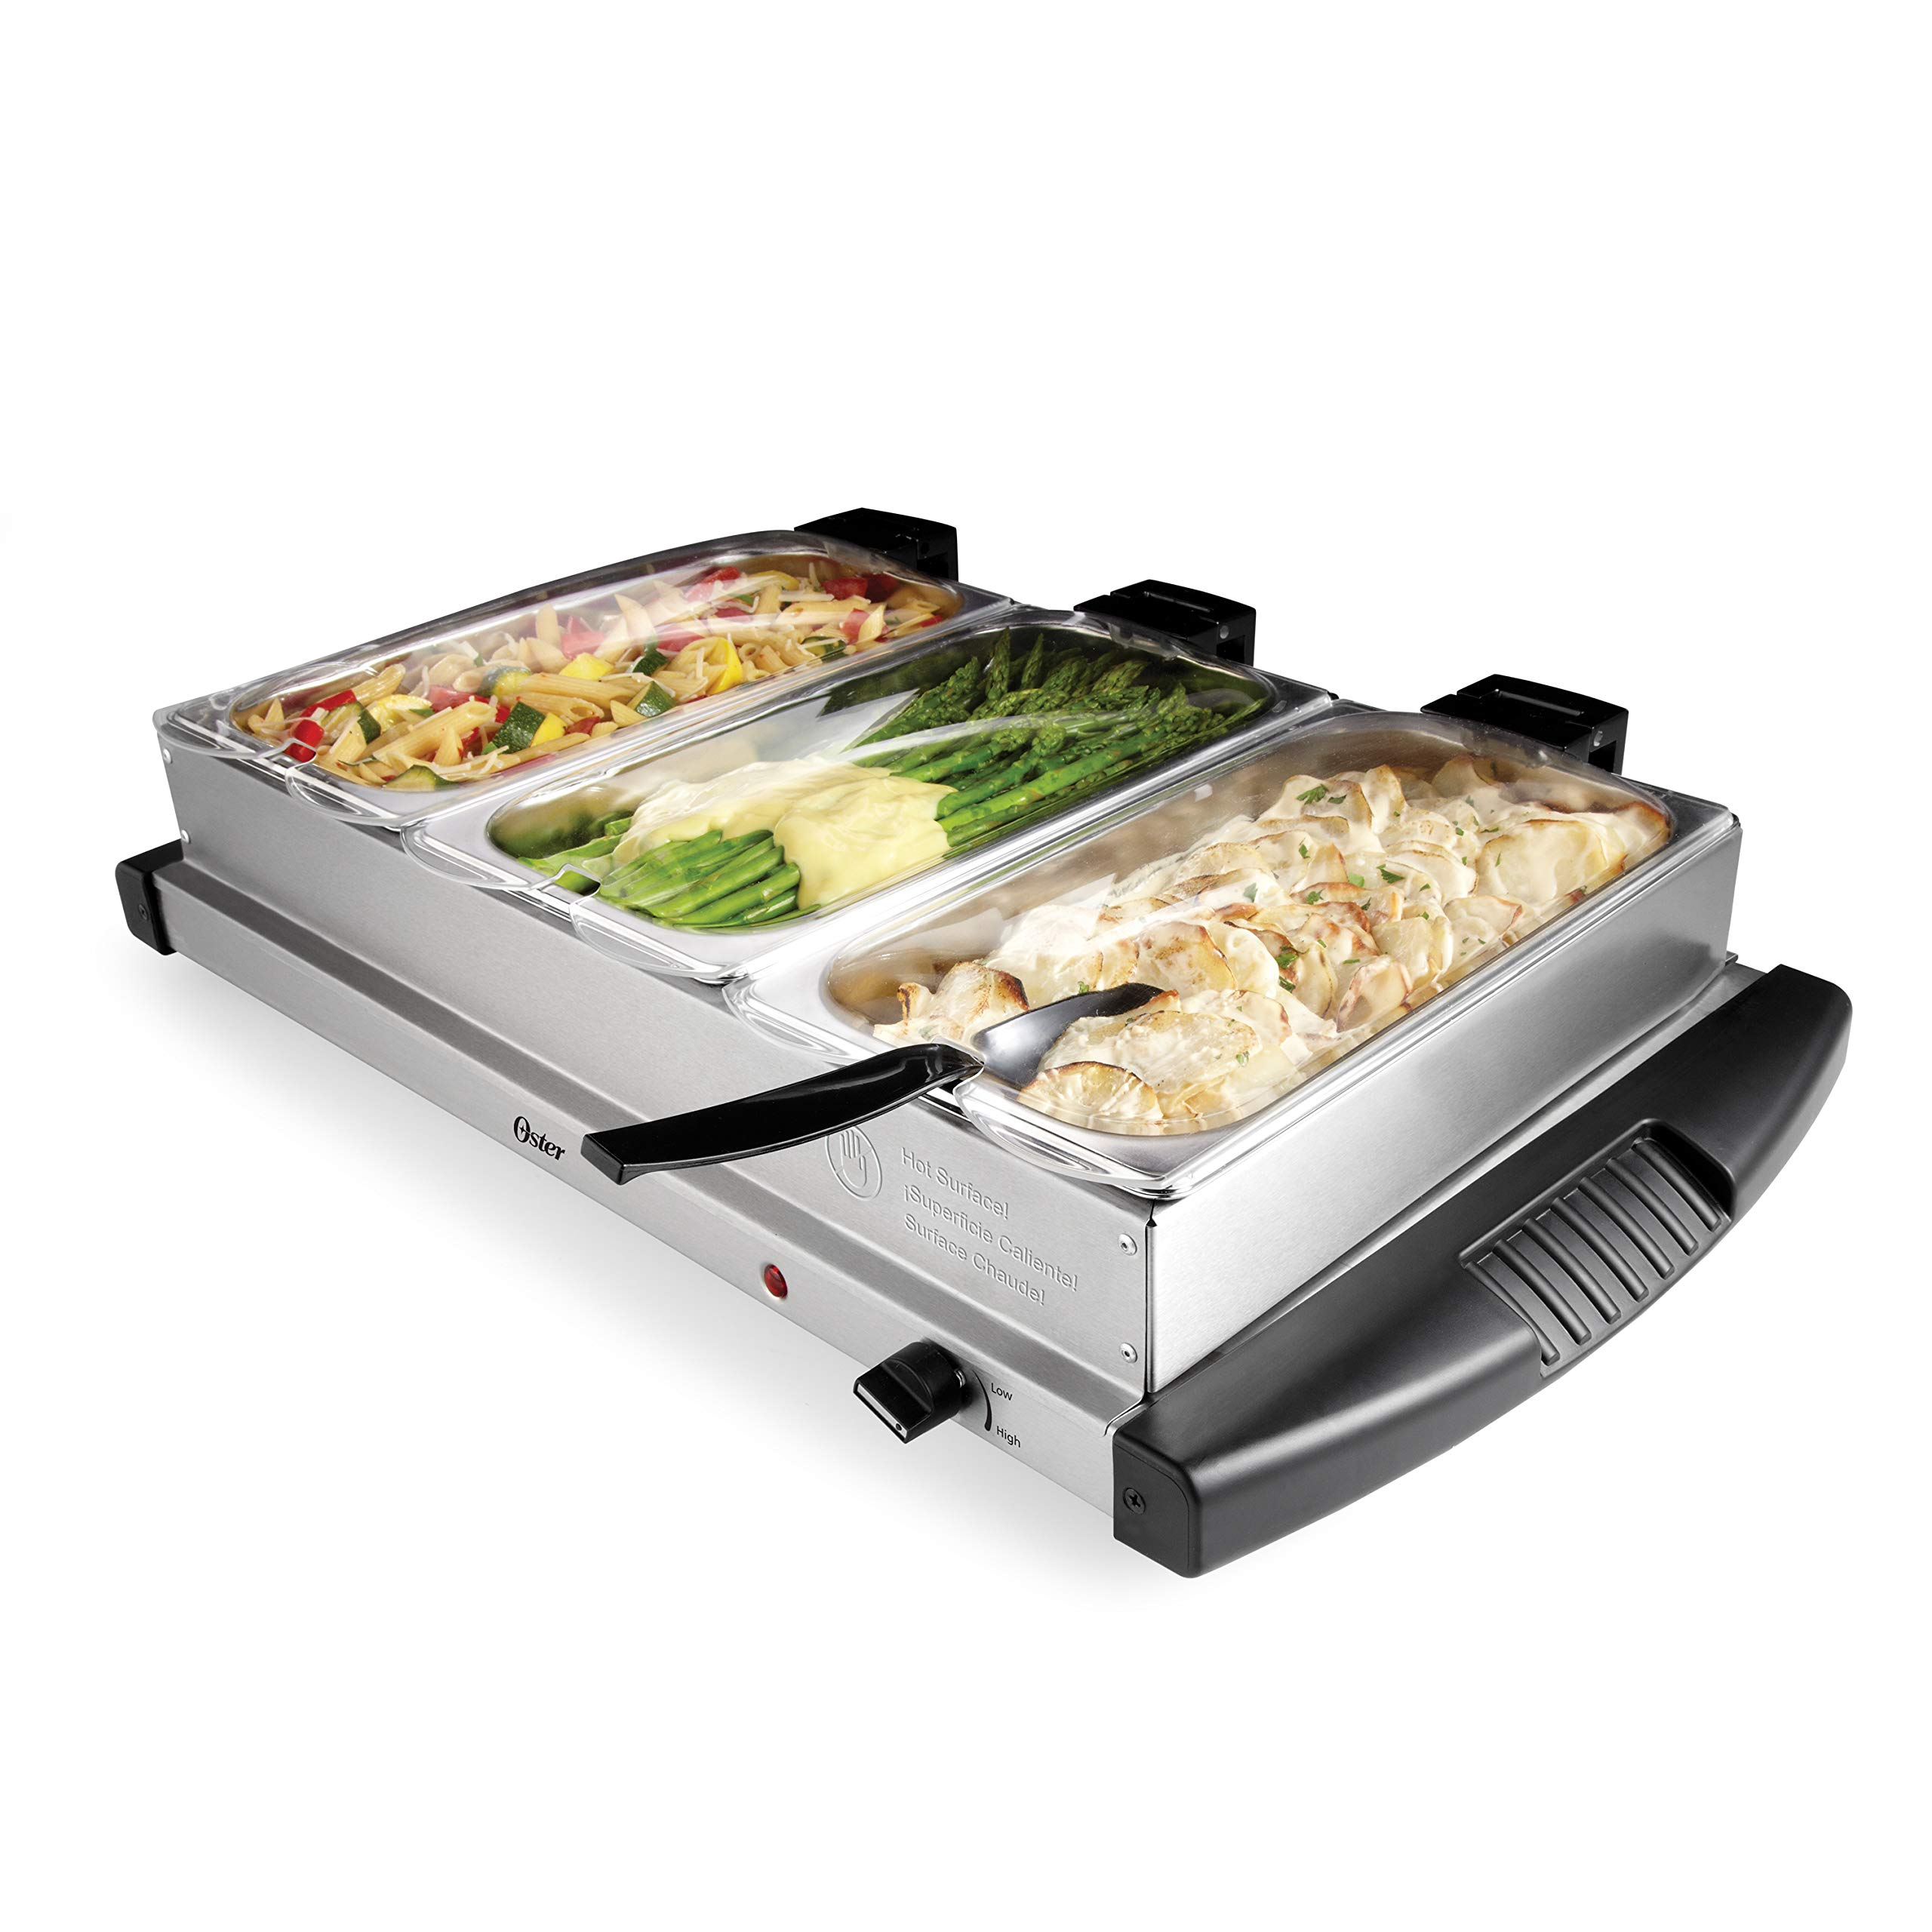 Oster Buffet Server, Triple Tray, 2-1/2 Quart, Stainless Steel (CKSTBSTW00-NP1)